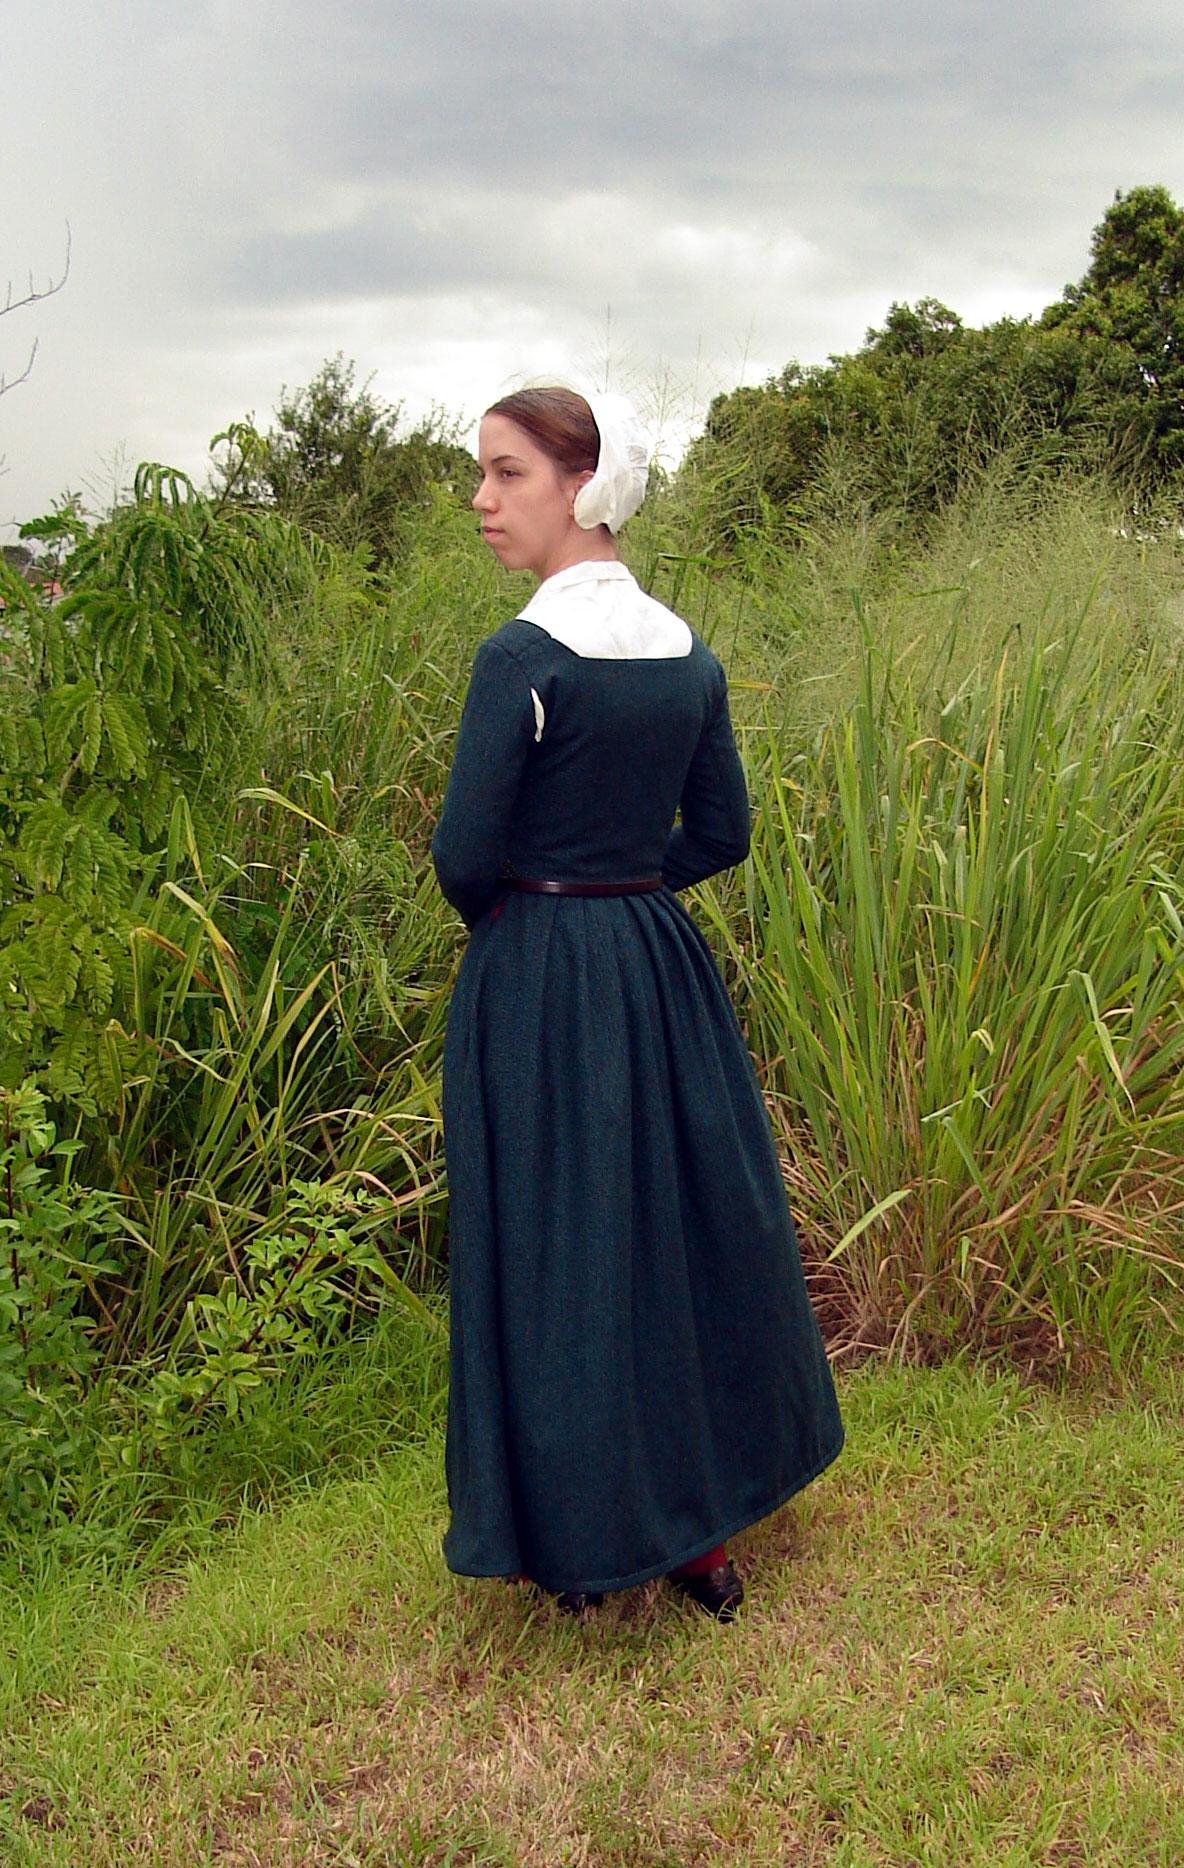 Teal Wool Kirtle - Centuries-Sewing